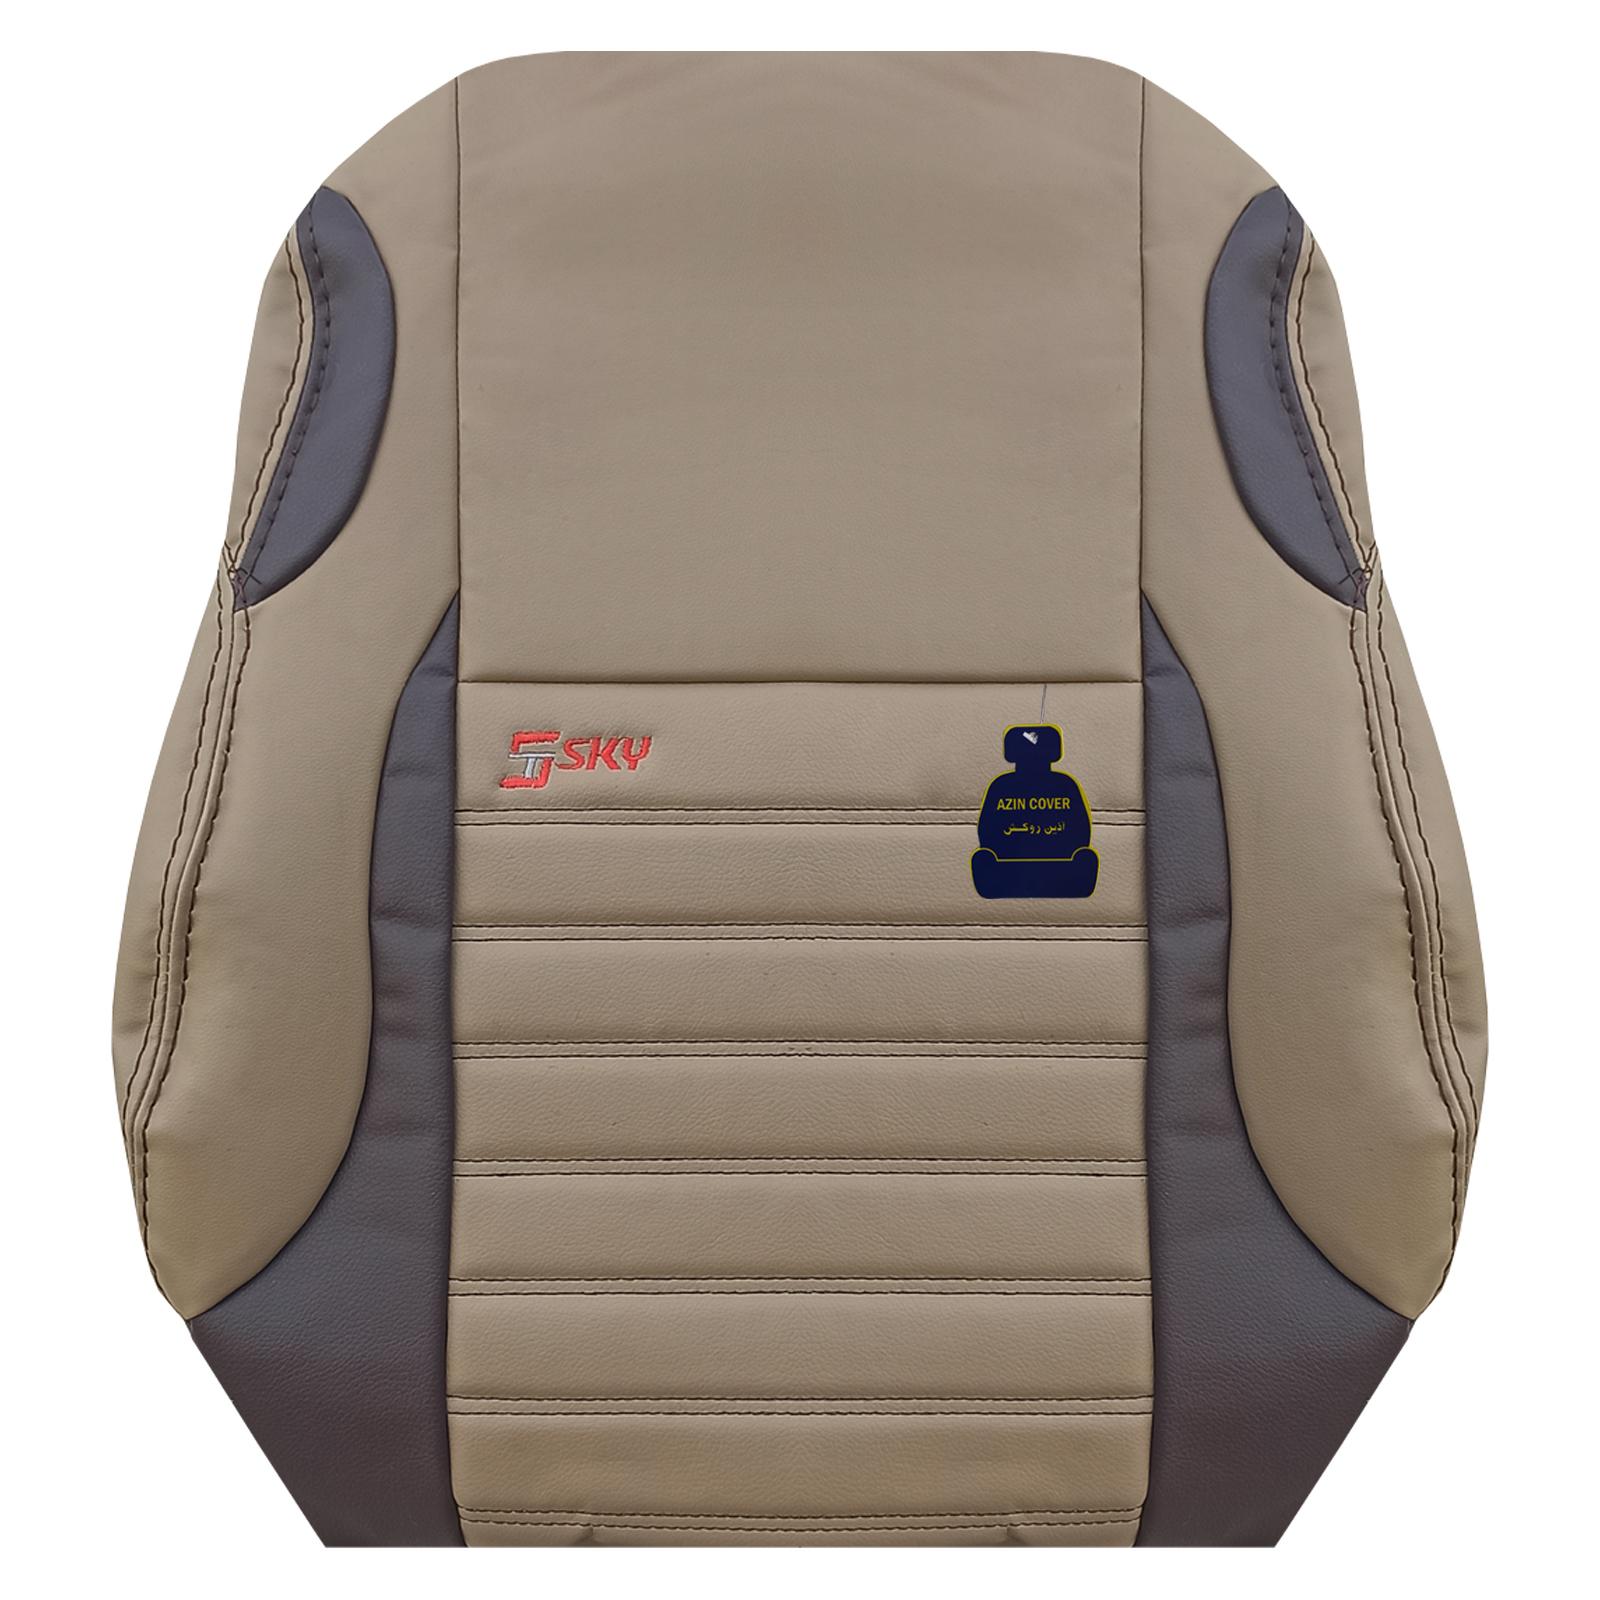 روکش صندلی خودرو آذین روکش AZ205 مناسب برای پژو پارس